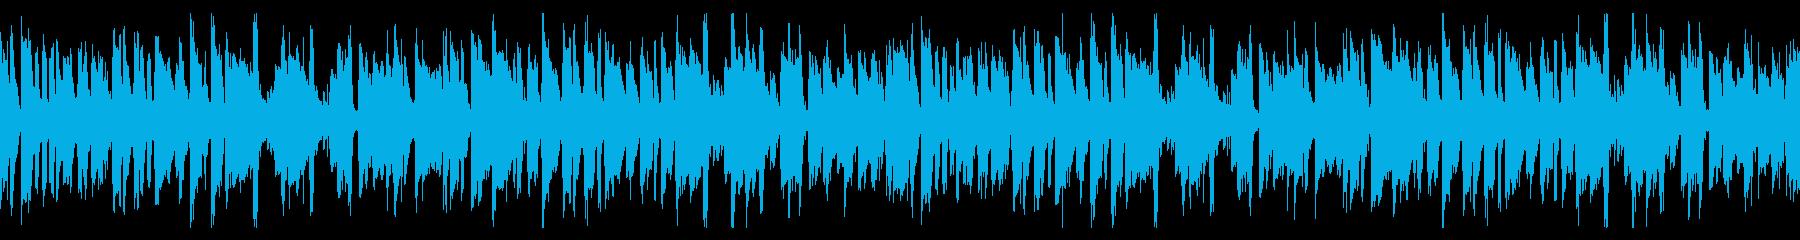 不思議な雰囲気でちょっと切ないピアノ曲の再生済みの波形